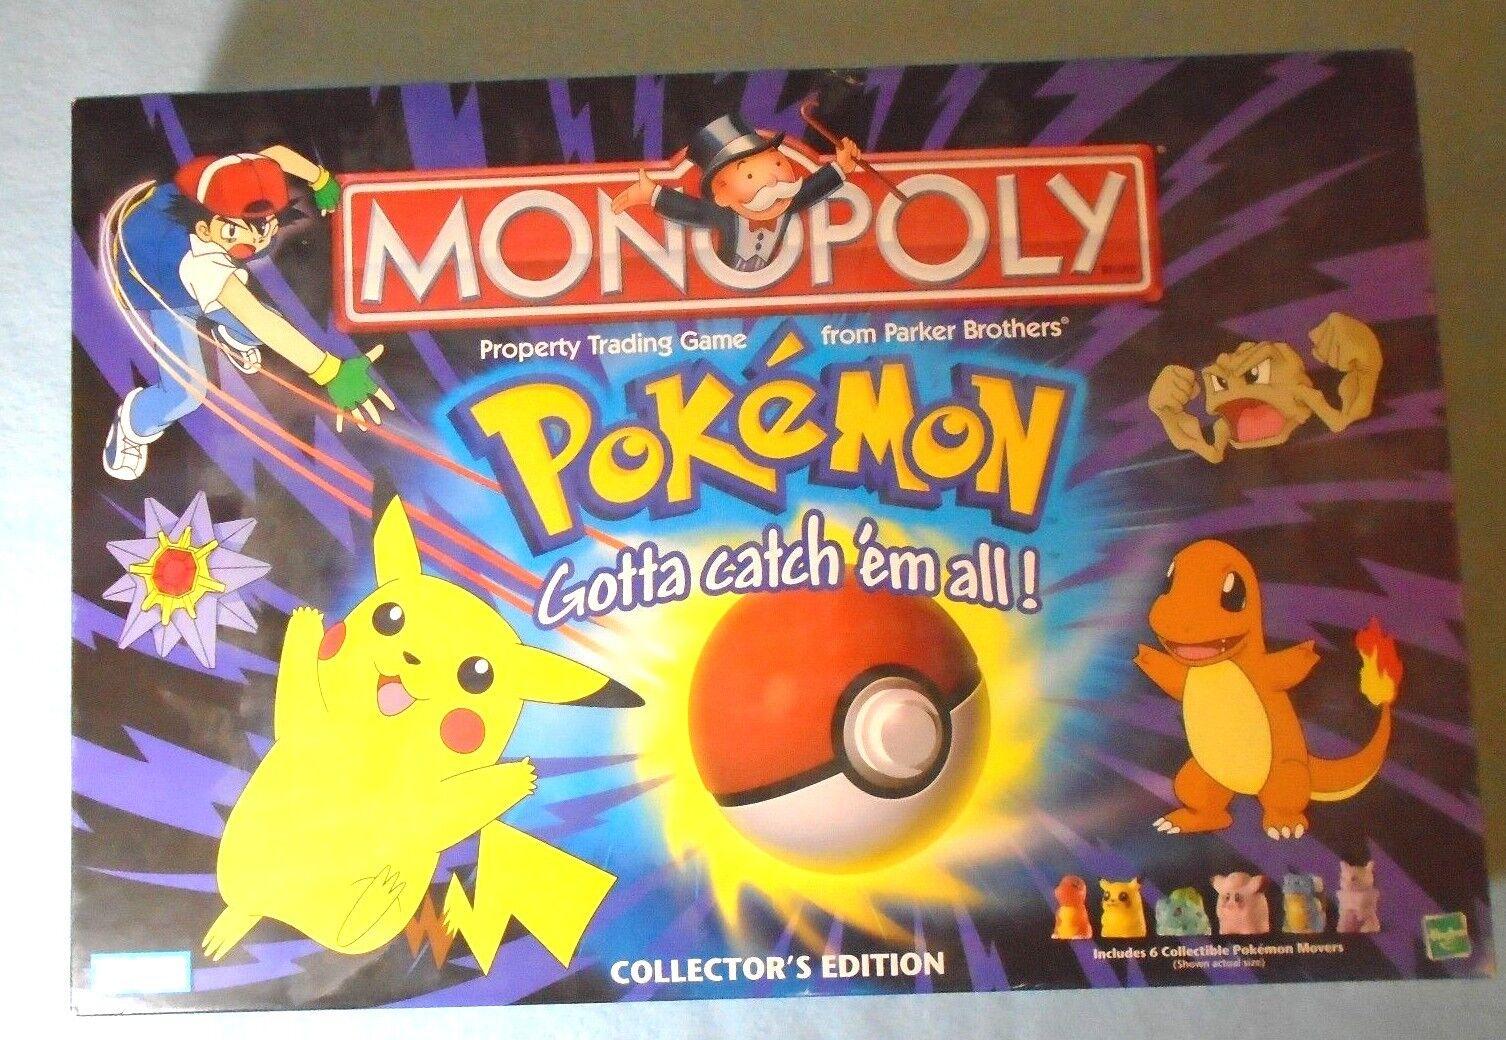 prima qualità ai consumatori Pokemon Collector's edizione    Monopoly  i nuovi marchi outlet online